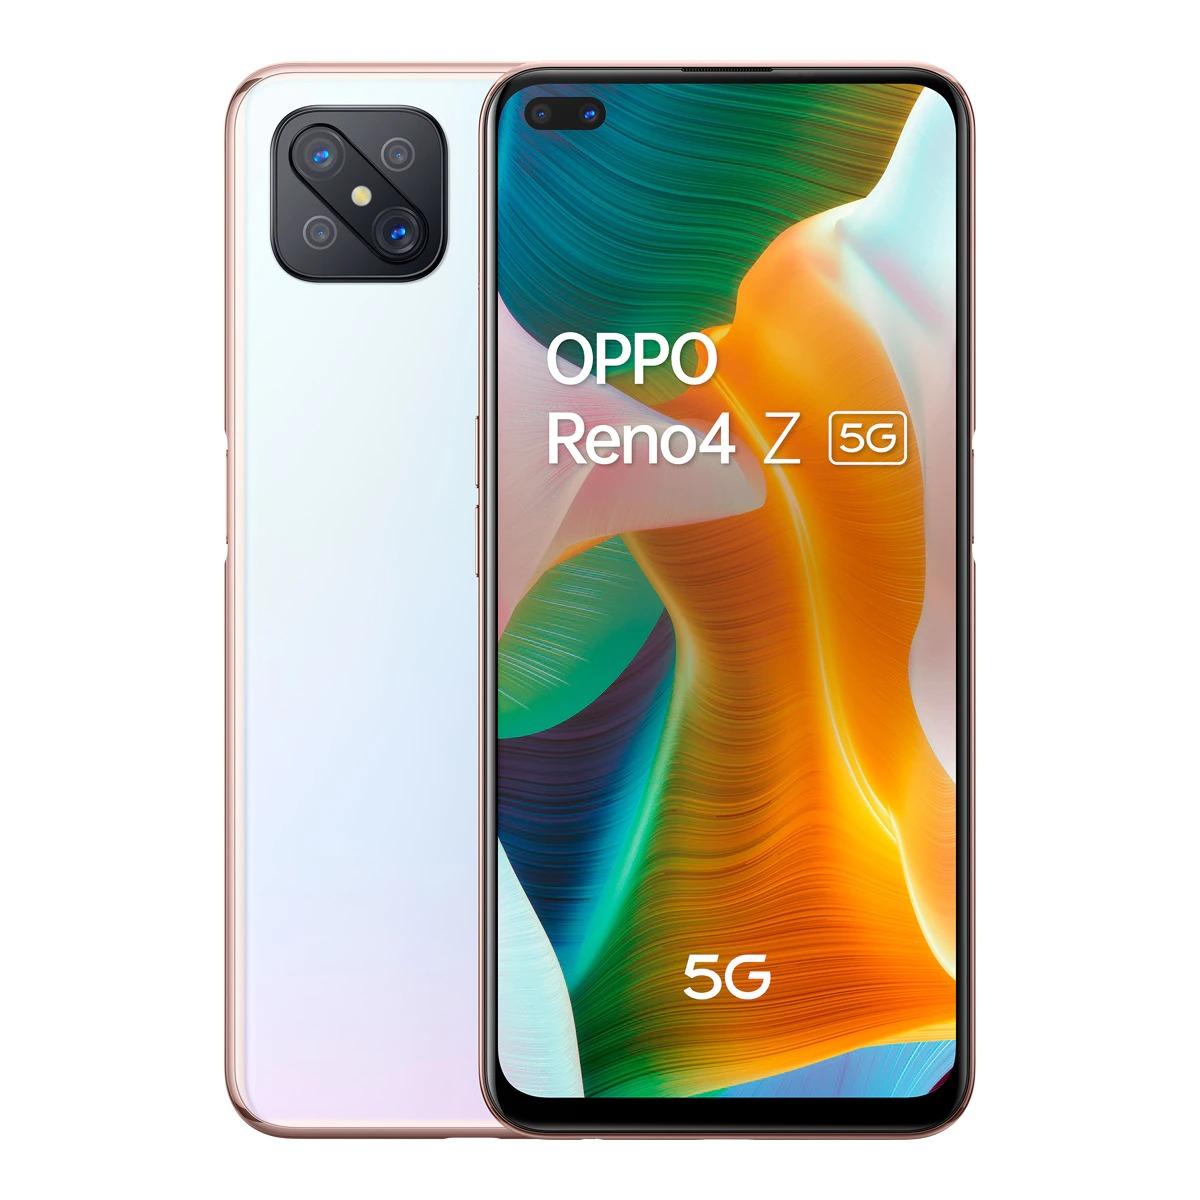 OPPO Reno4 Z 8 GB +128 GB Blanco móvil libre